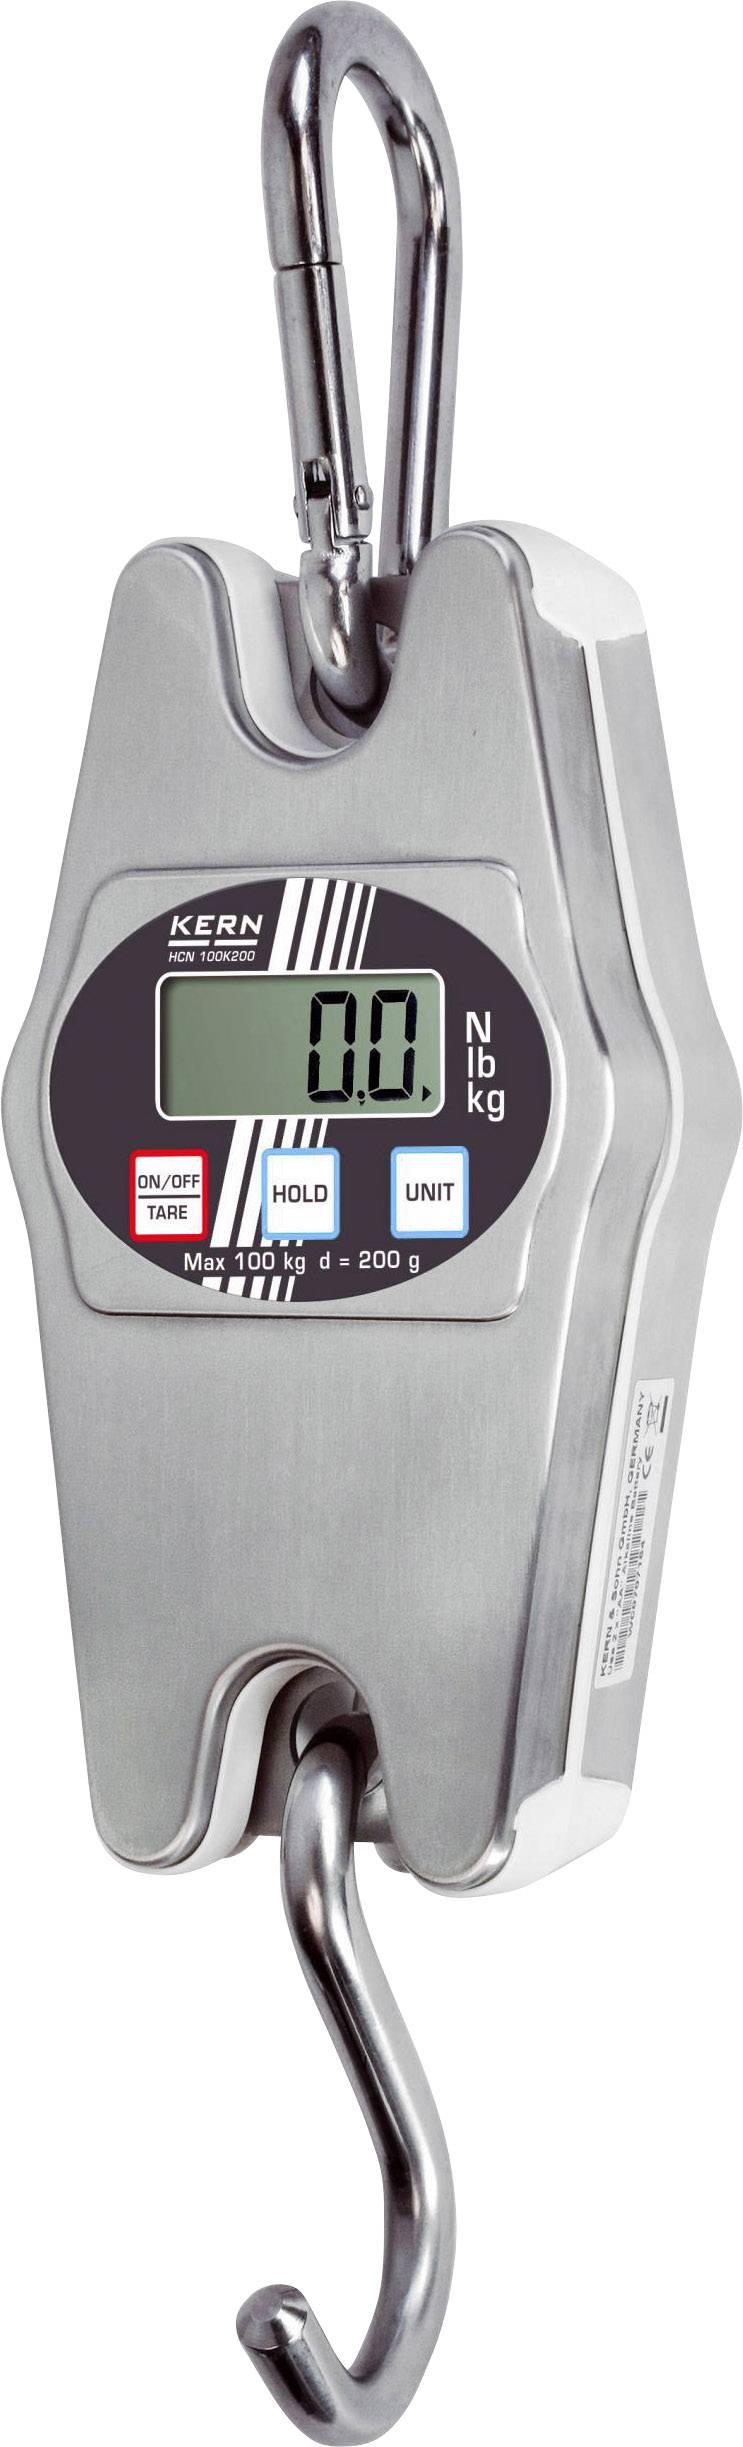 Závěsná váha Kern Max. váživost 200 kg, Rozlišení 500 g Kalibrováno dle ISO